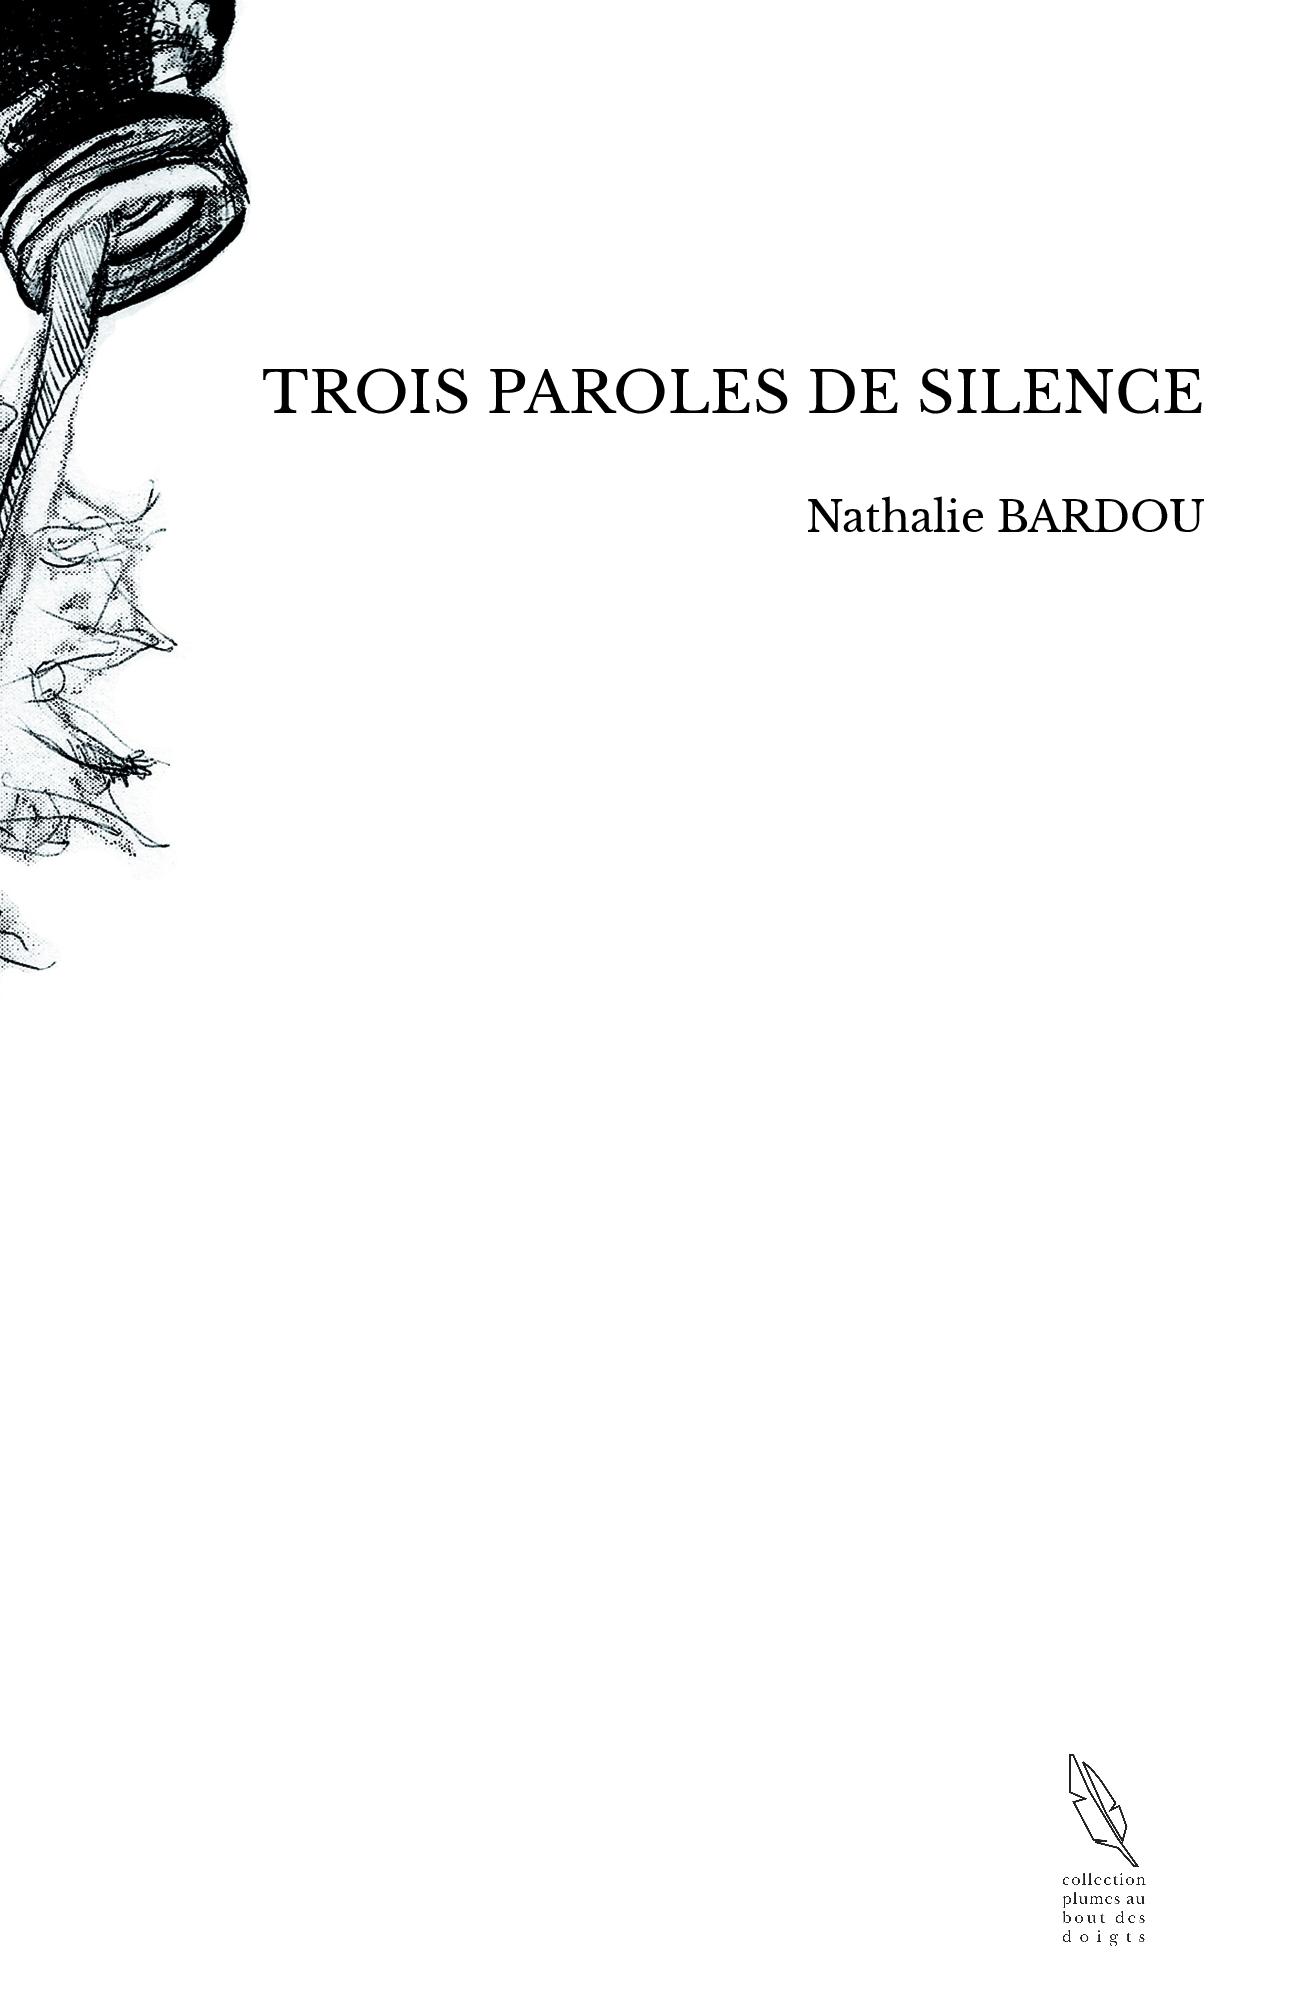 TROIS PAROLES DE SILENCE